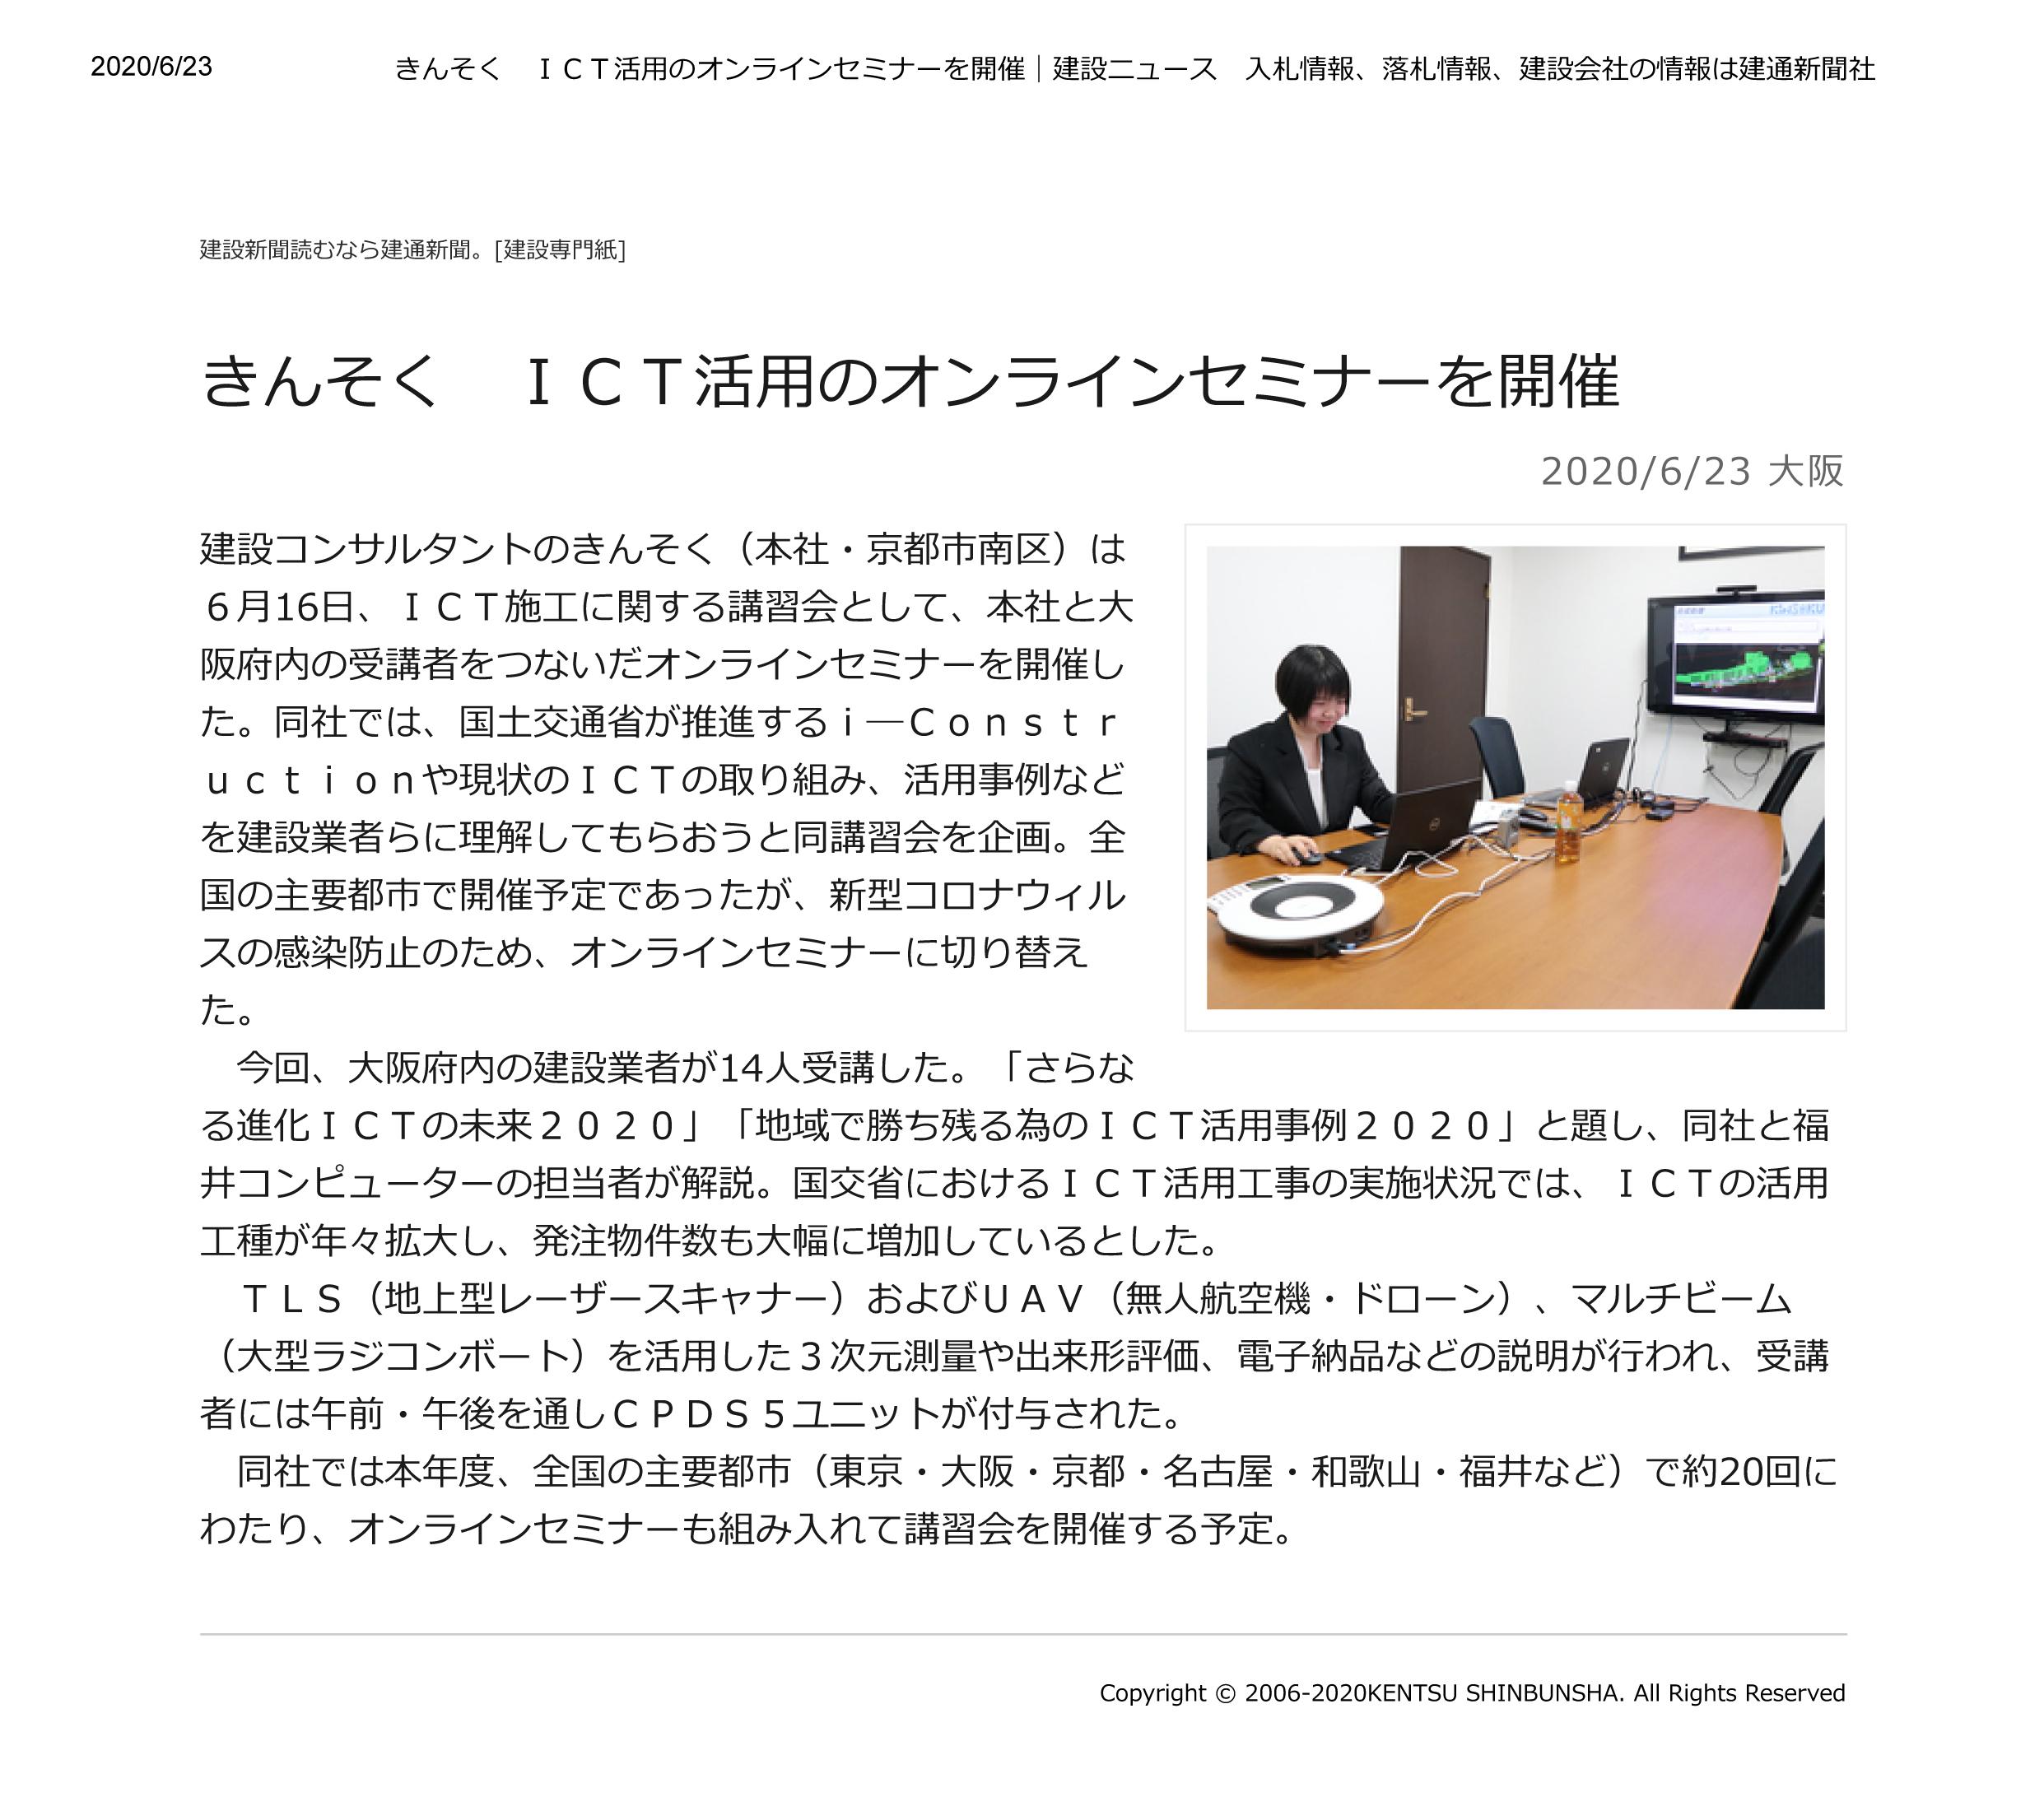 きんそく ICT活用のオンラインセミナーを開催